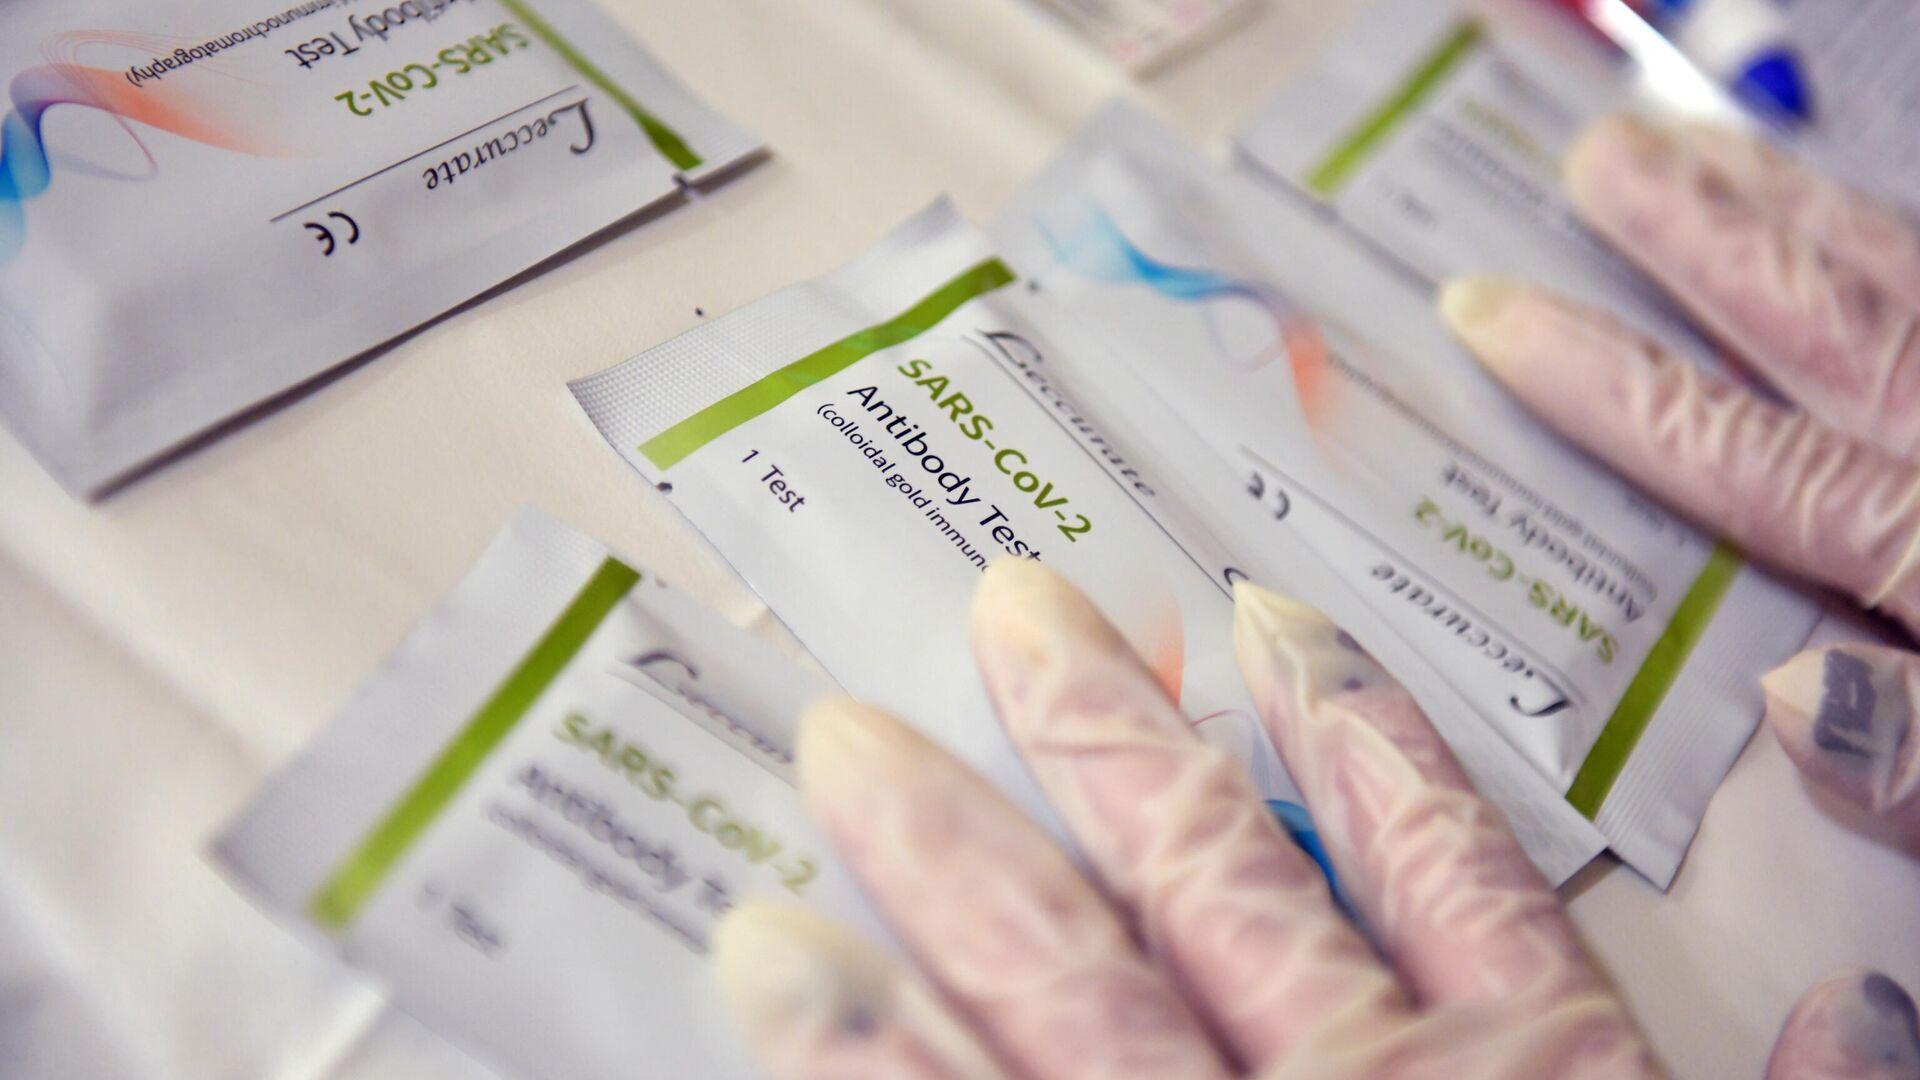 Медицинский работник держит в руках тест на антитела в мобильном многопрофильном госпитале для больных коронавирусом в Абхазии - РИА Новости, 1920, 29.01.2021